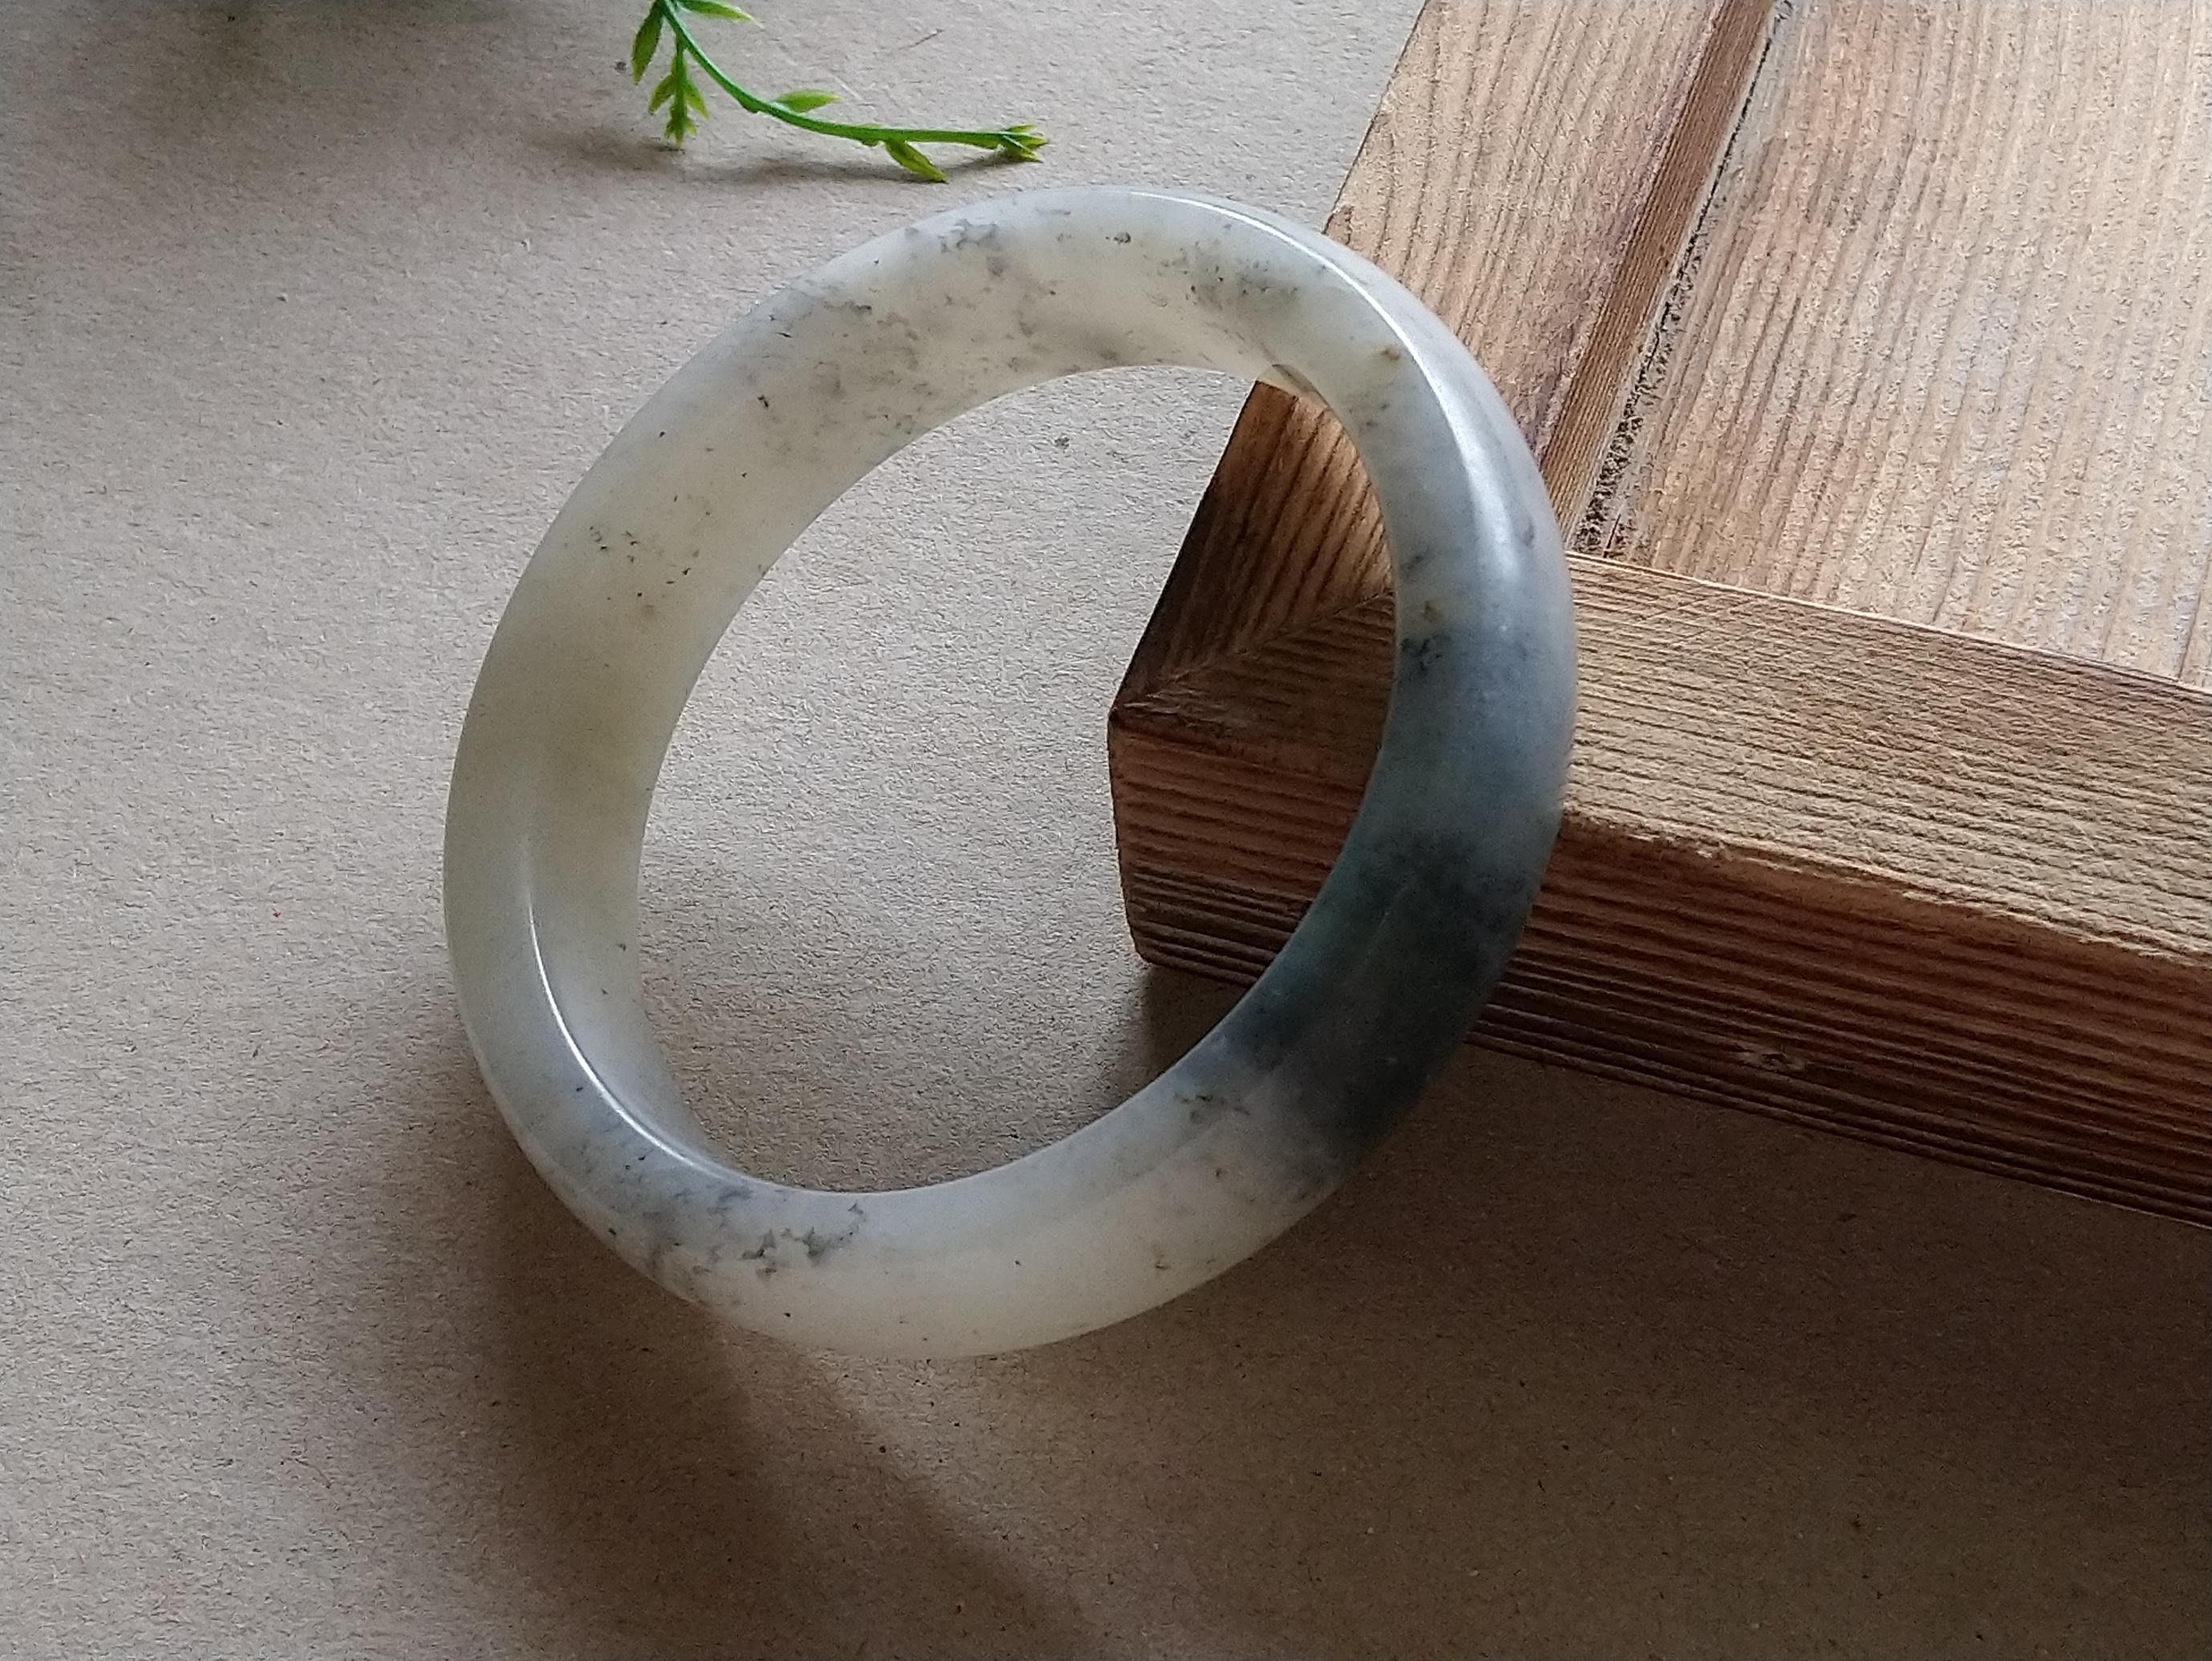 簡單Simple。現貨。10385號天然新疆和闐玉/和田玉青花籽料手鐲子手鐲鐲子手環。內徑56MM